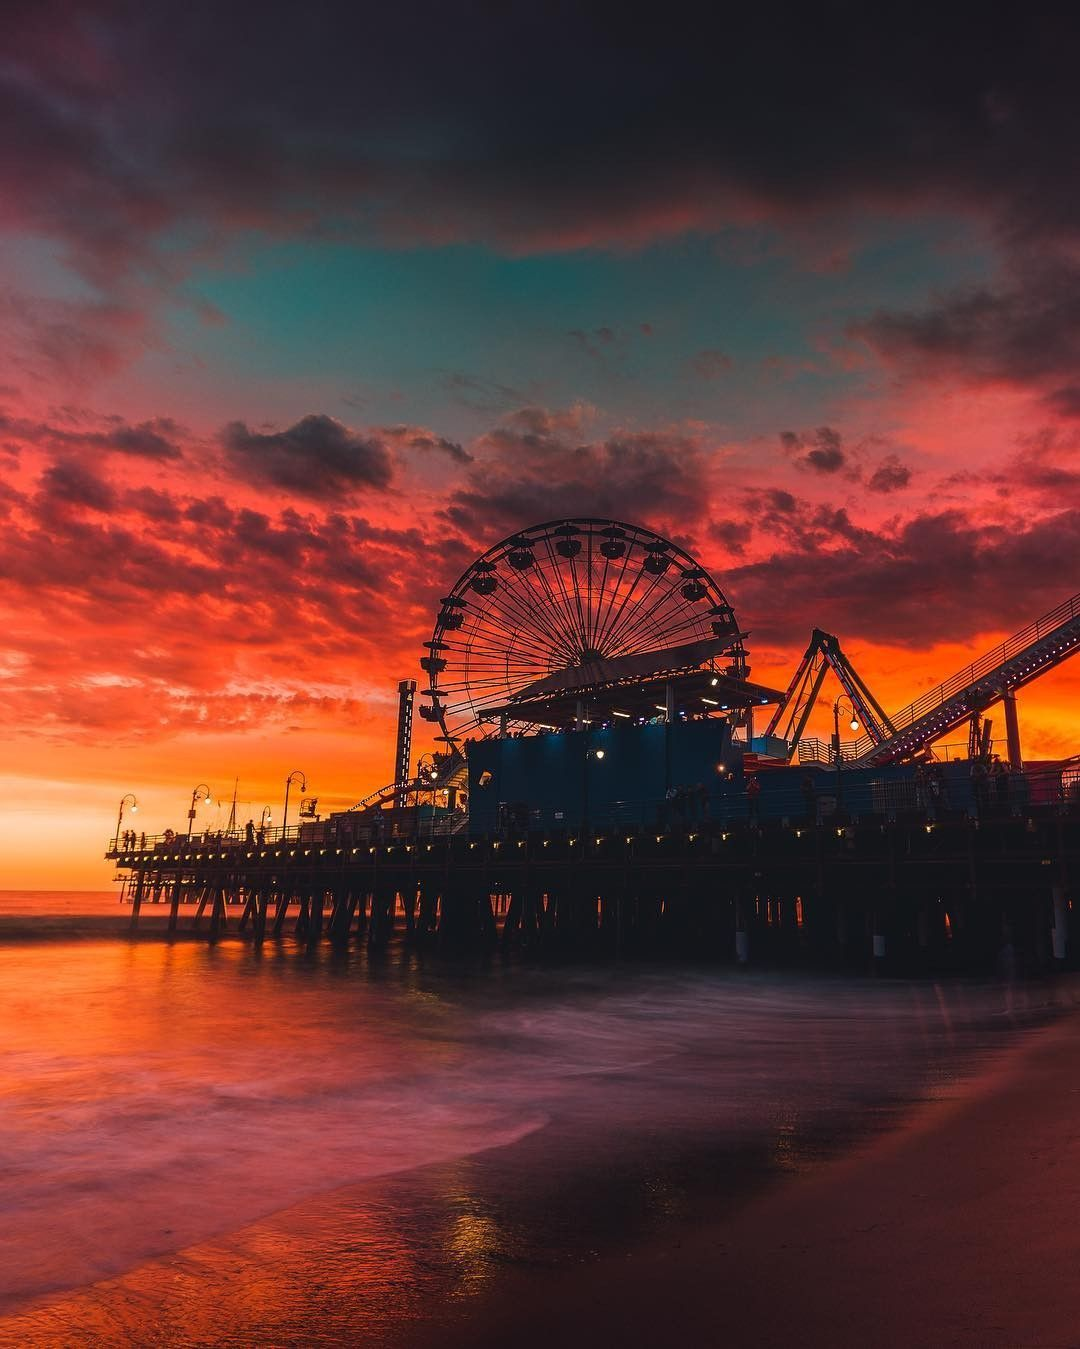 Quand Le Soleil Fait Son Frais Coucher De Soleil Sur Le Quai De Santa Monica En Californie Photos Paysage Photo Paysage Magnifique Photographie De Paysages